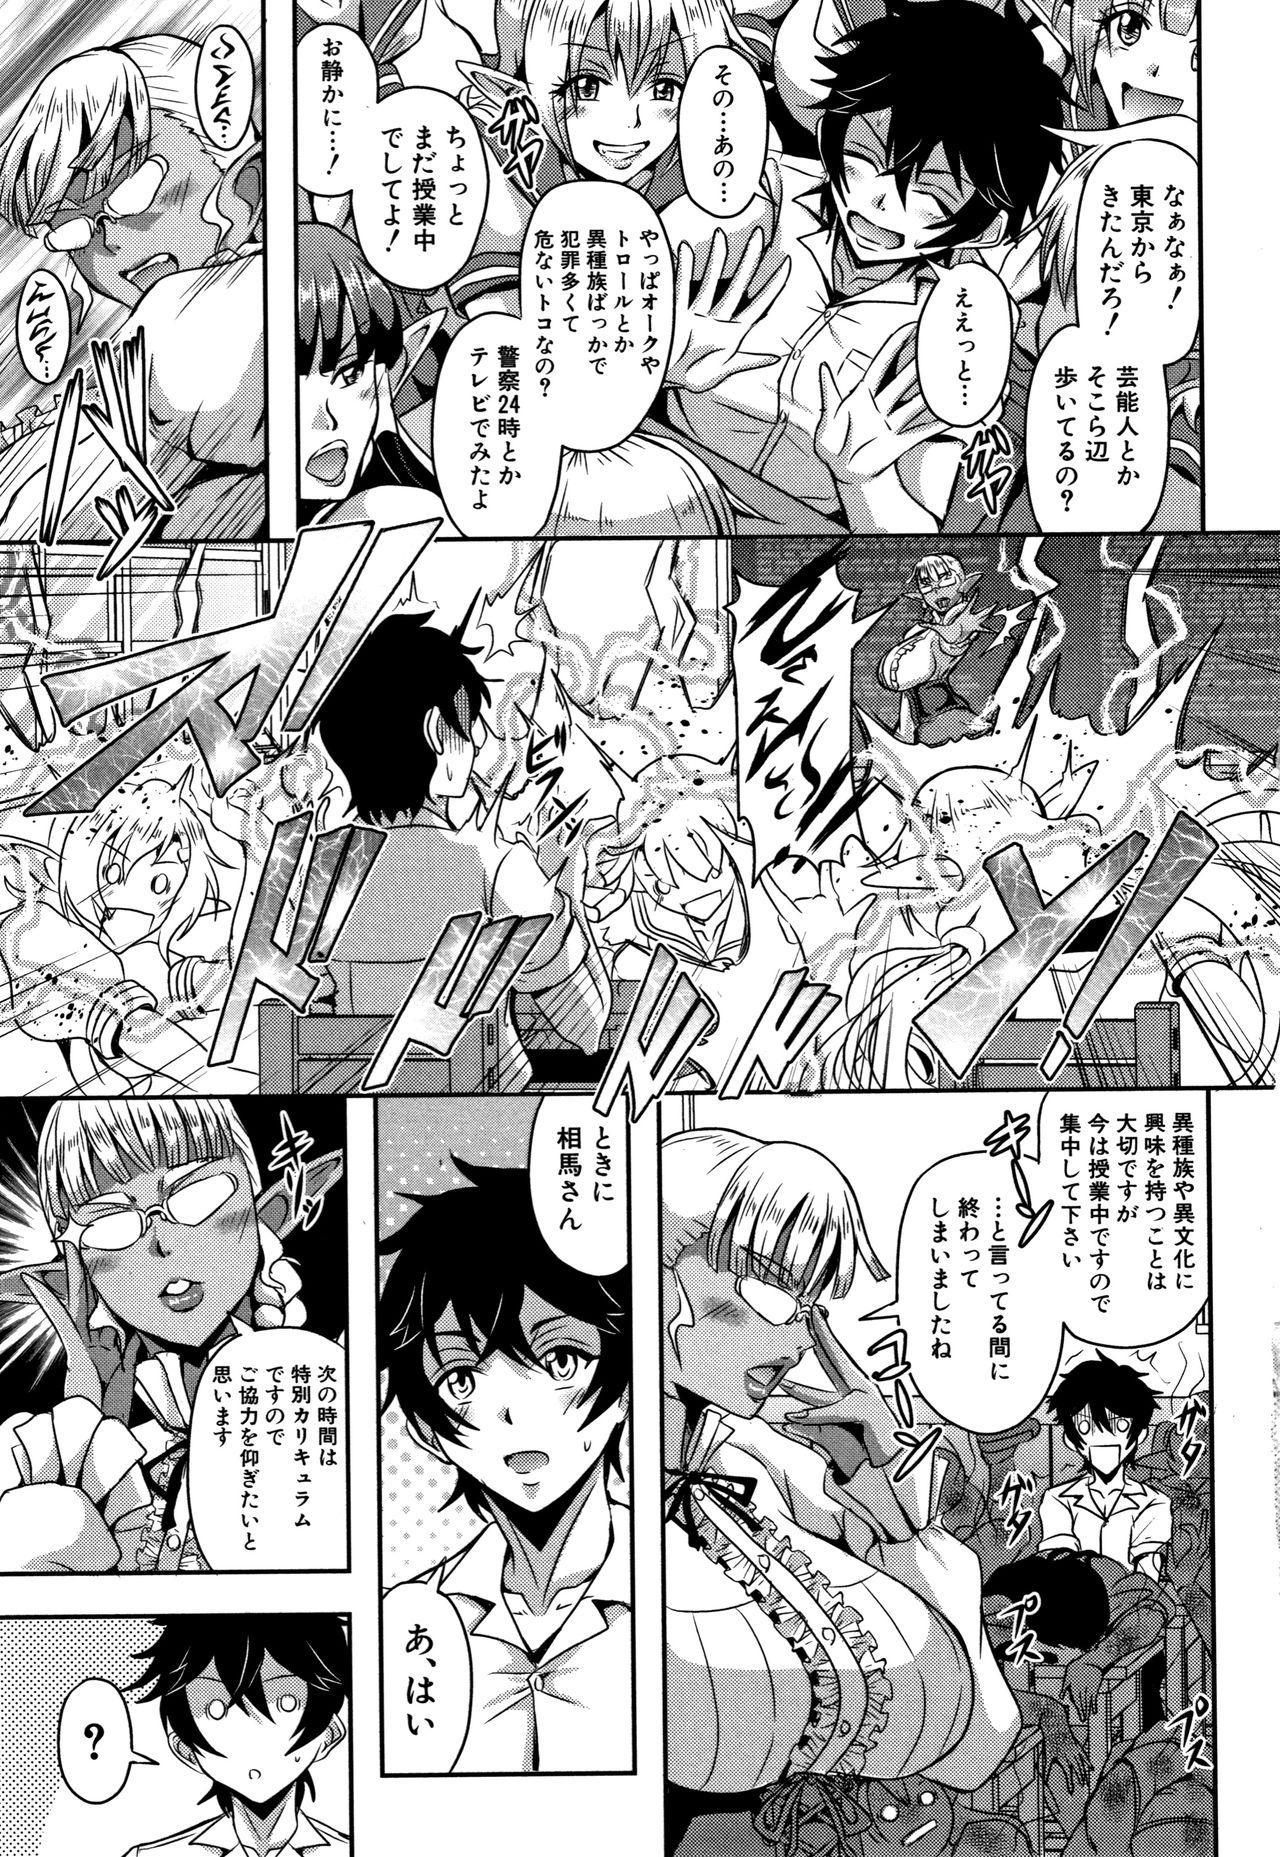 Elf Harem Monogatari - Elf Harem Story 96